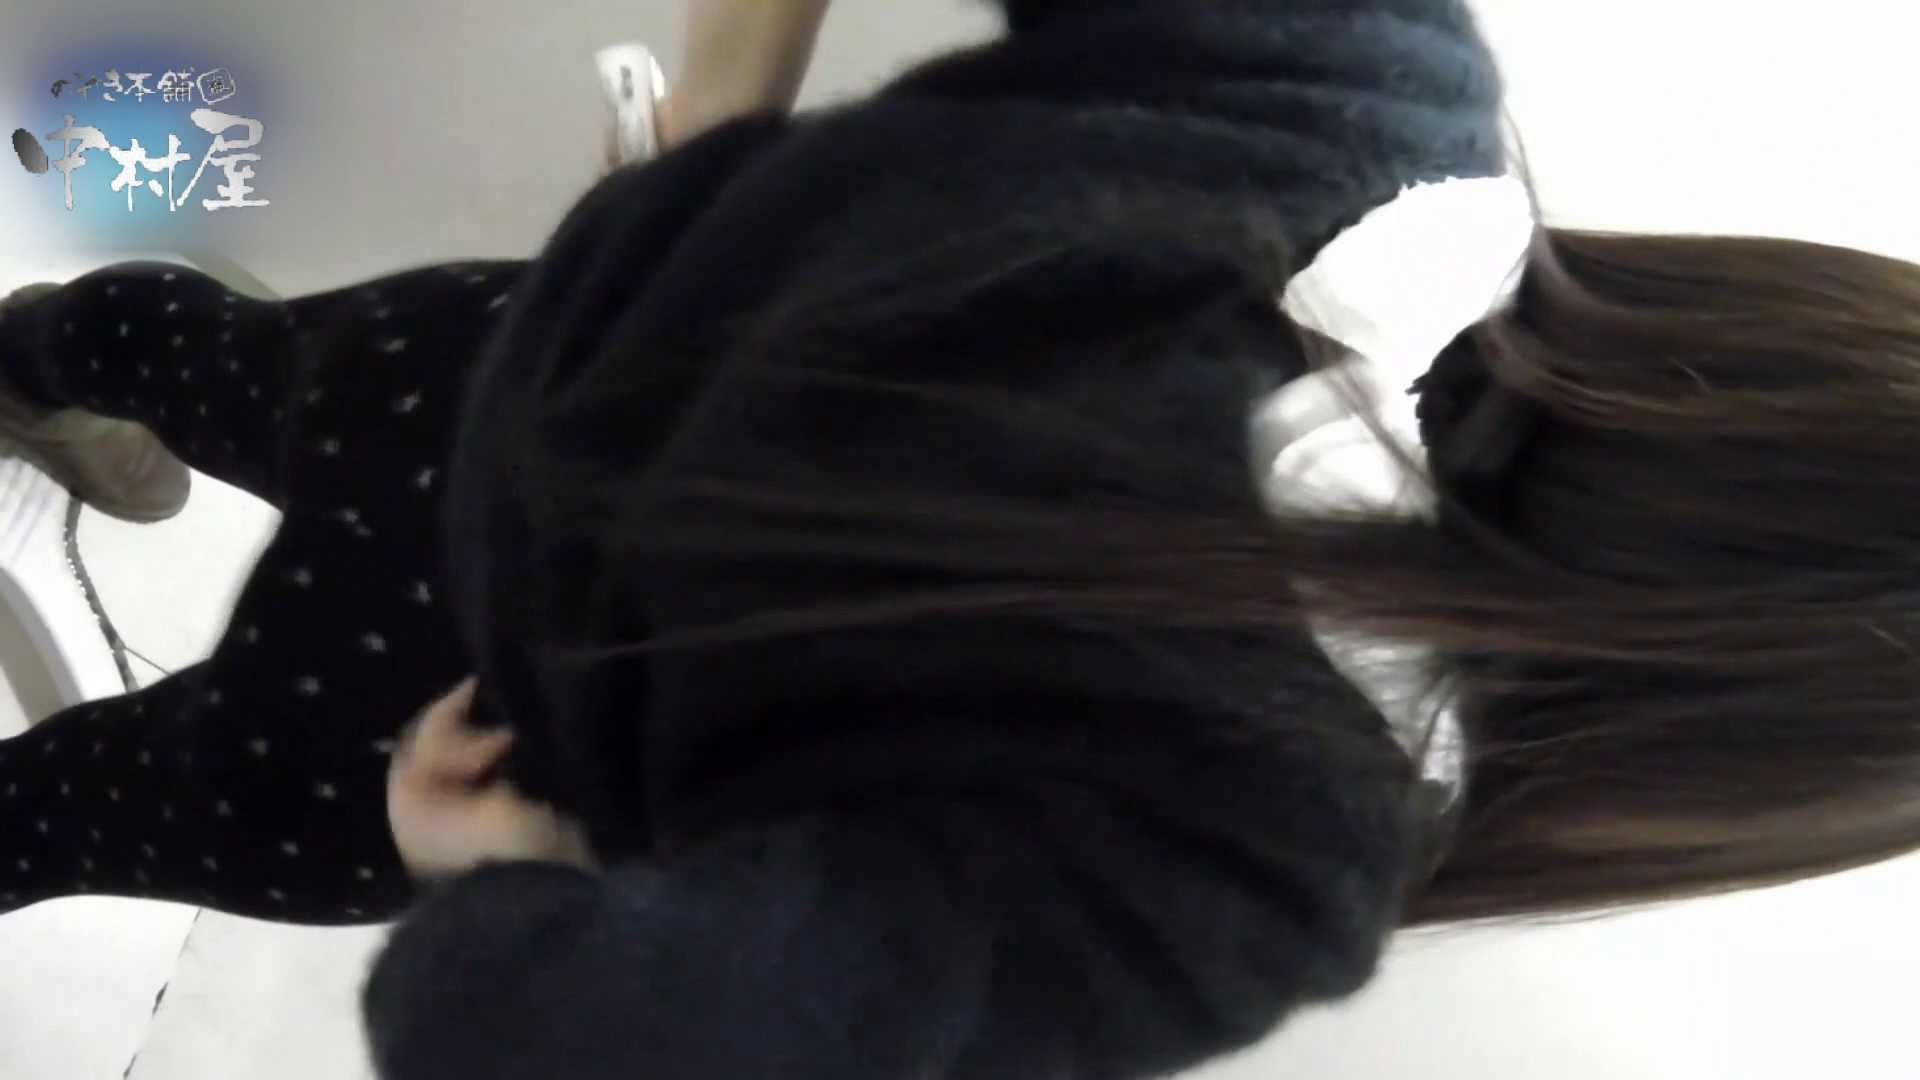 乙女集まる!ショッピングモール潜入撮vol.01 ロリ 盗み撮り動画キャプチャ 101画像 94